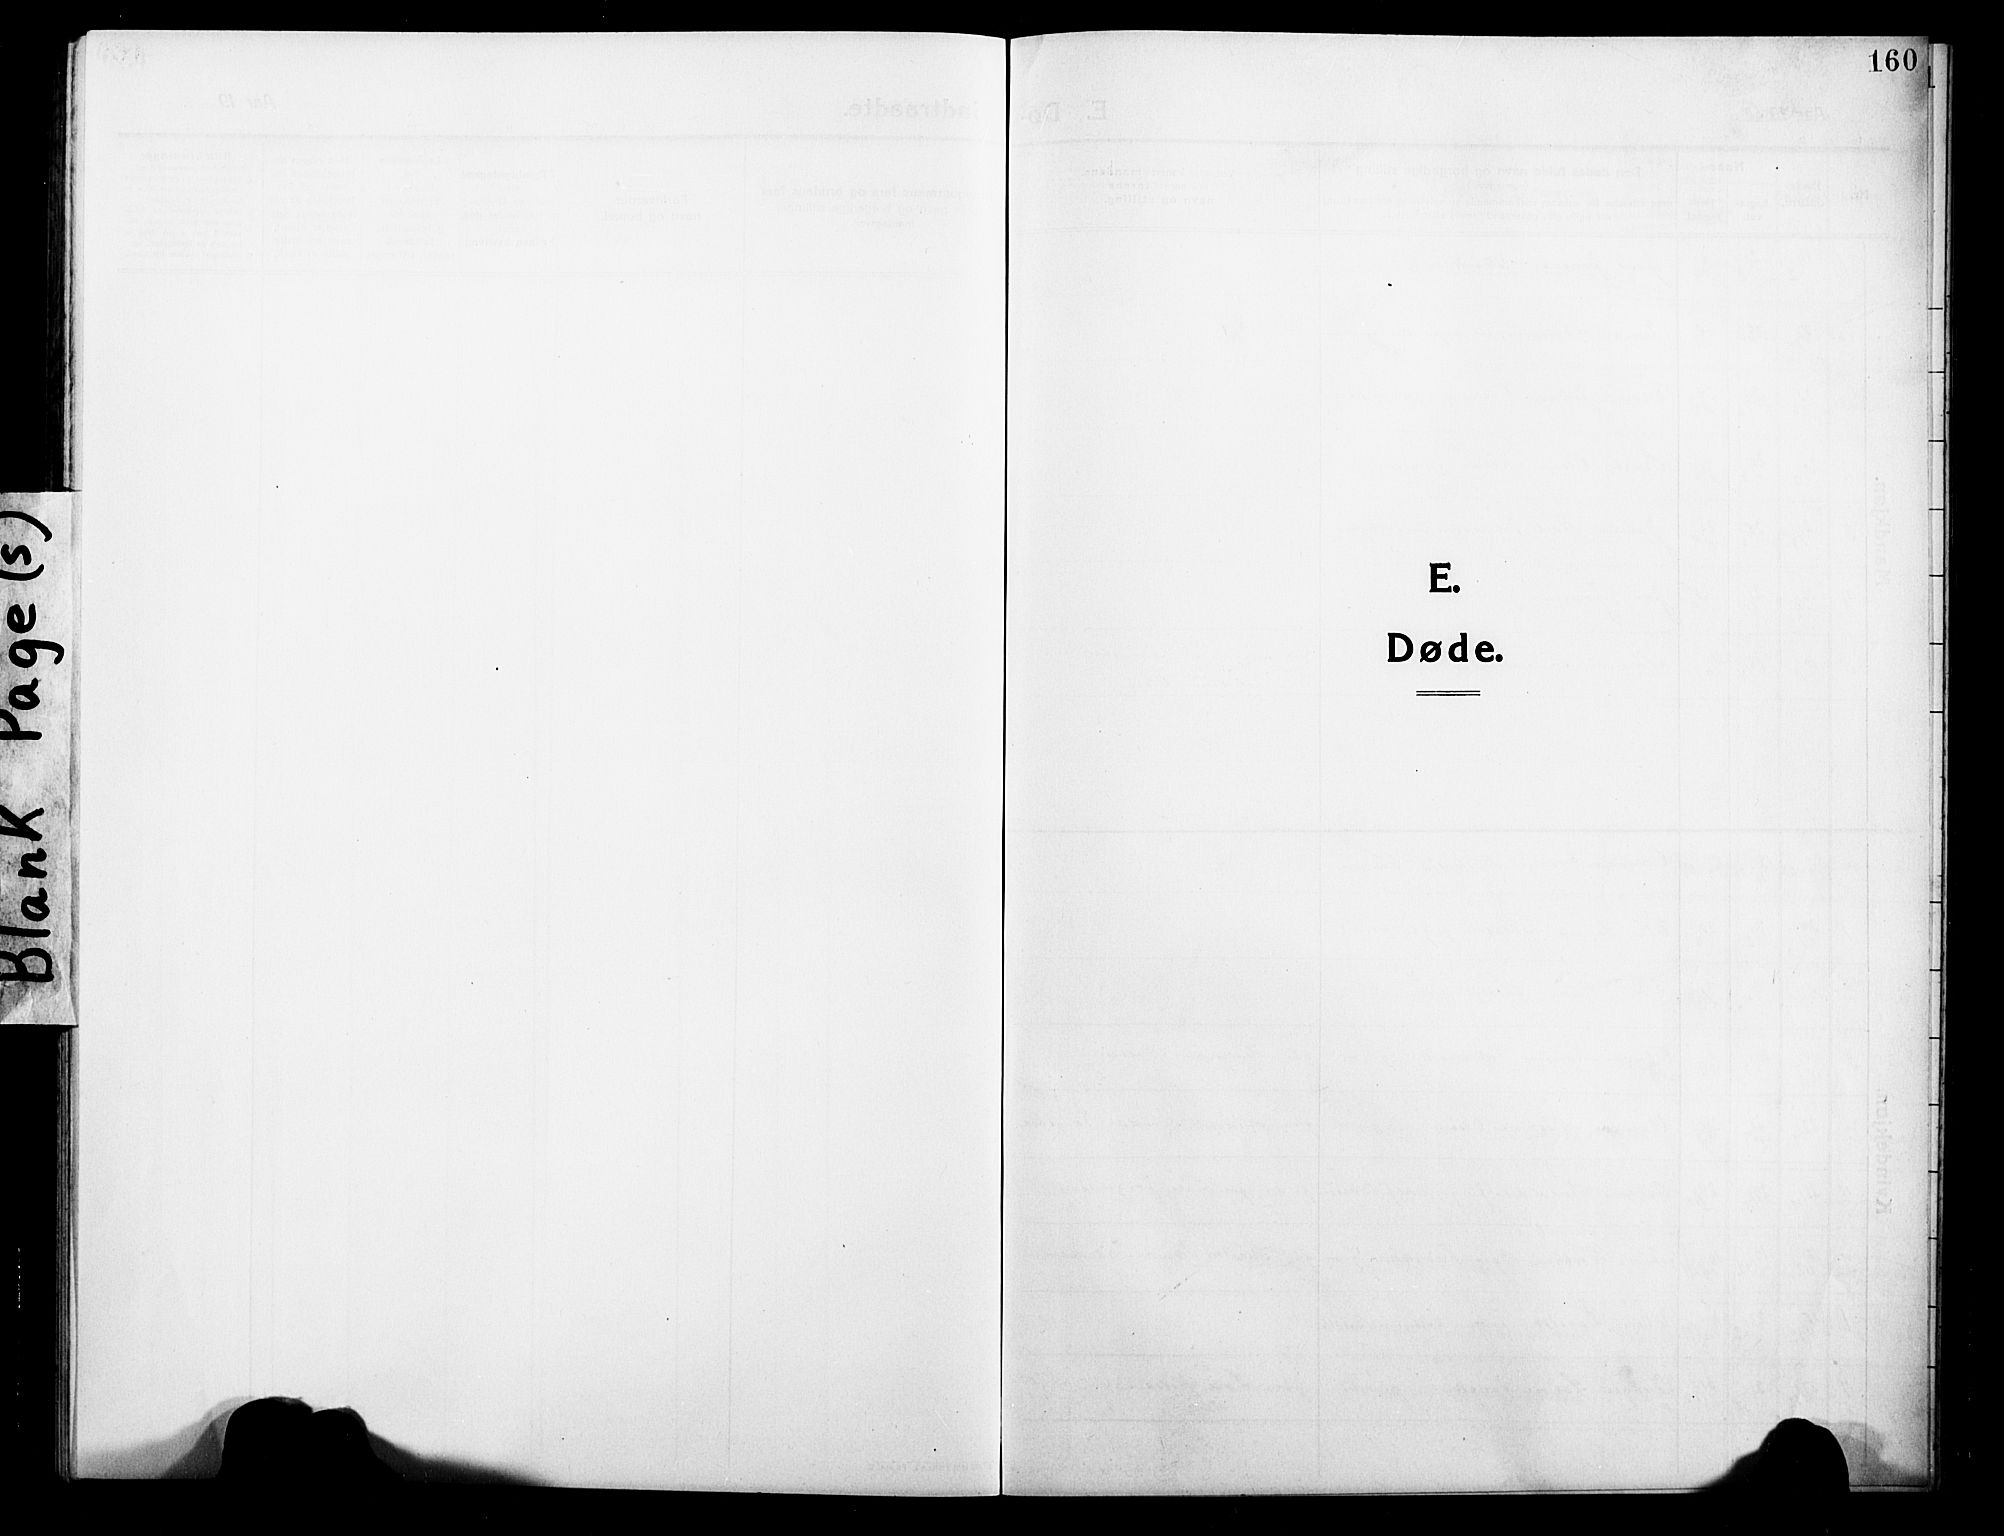 SATØ, Balsfjord sokneprestembete, Klokkerbok nr. 4, 1910-1926, s. 160